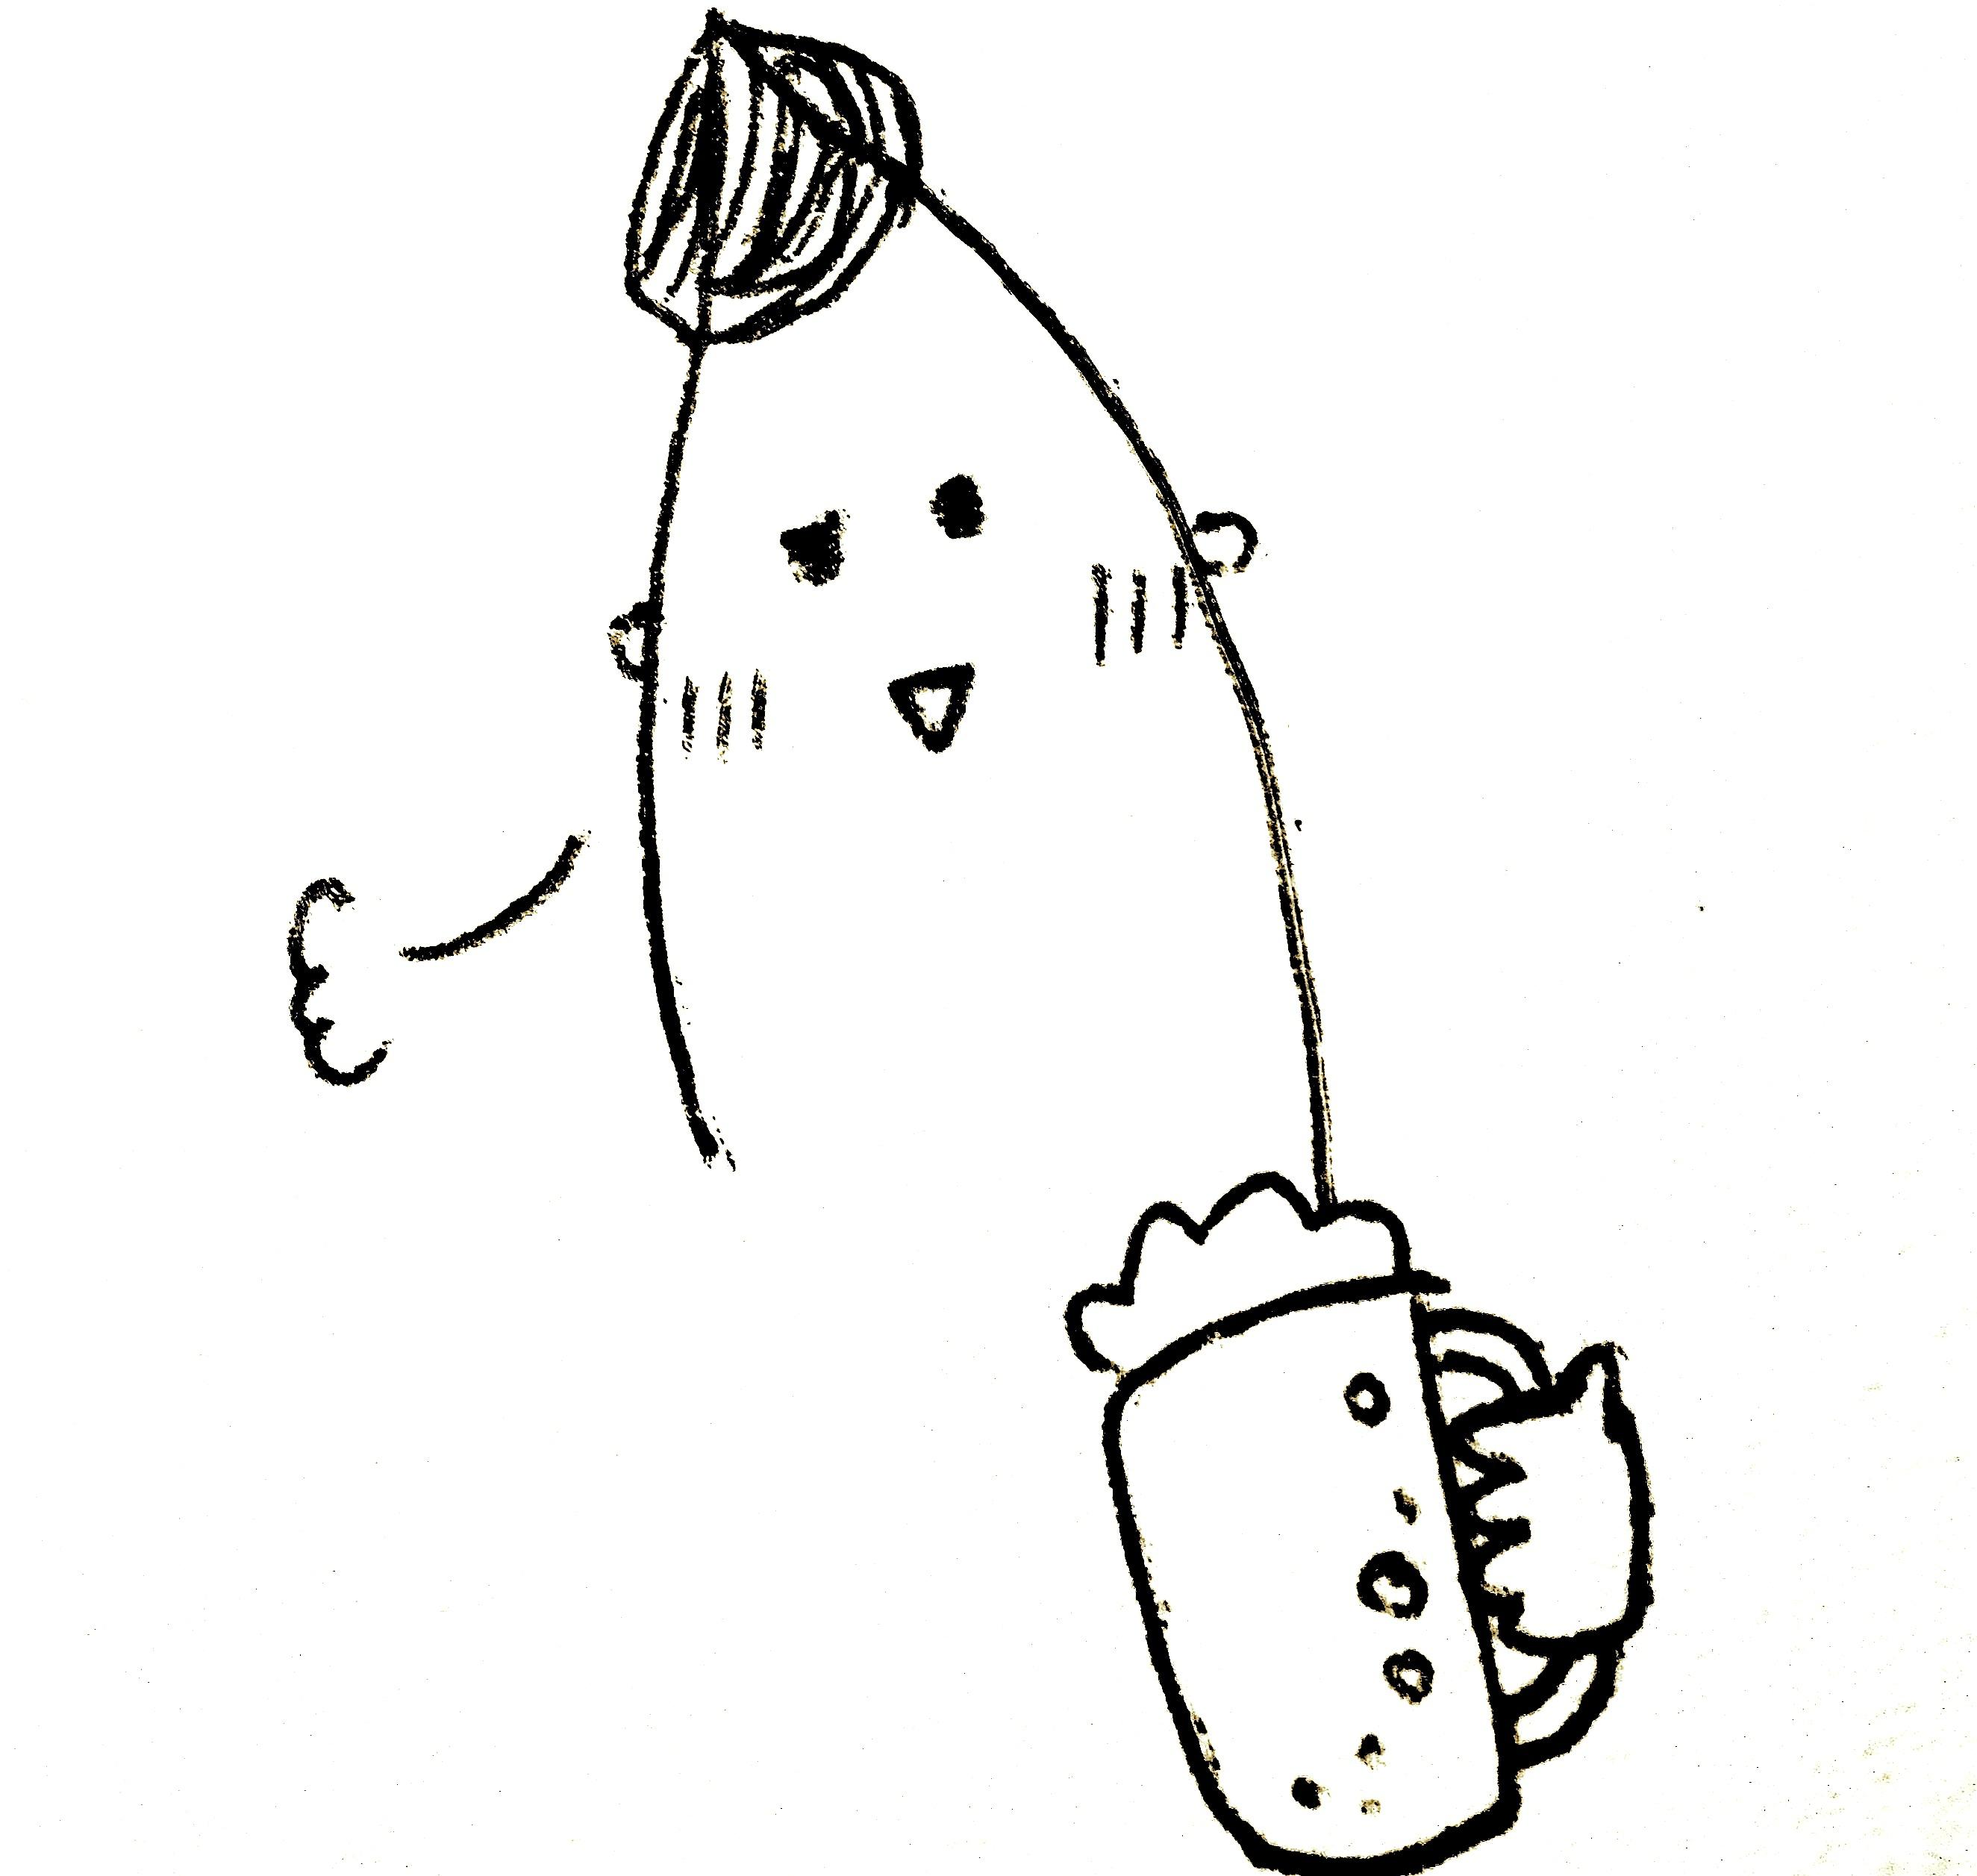 ビール・飲料販売  mito